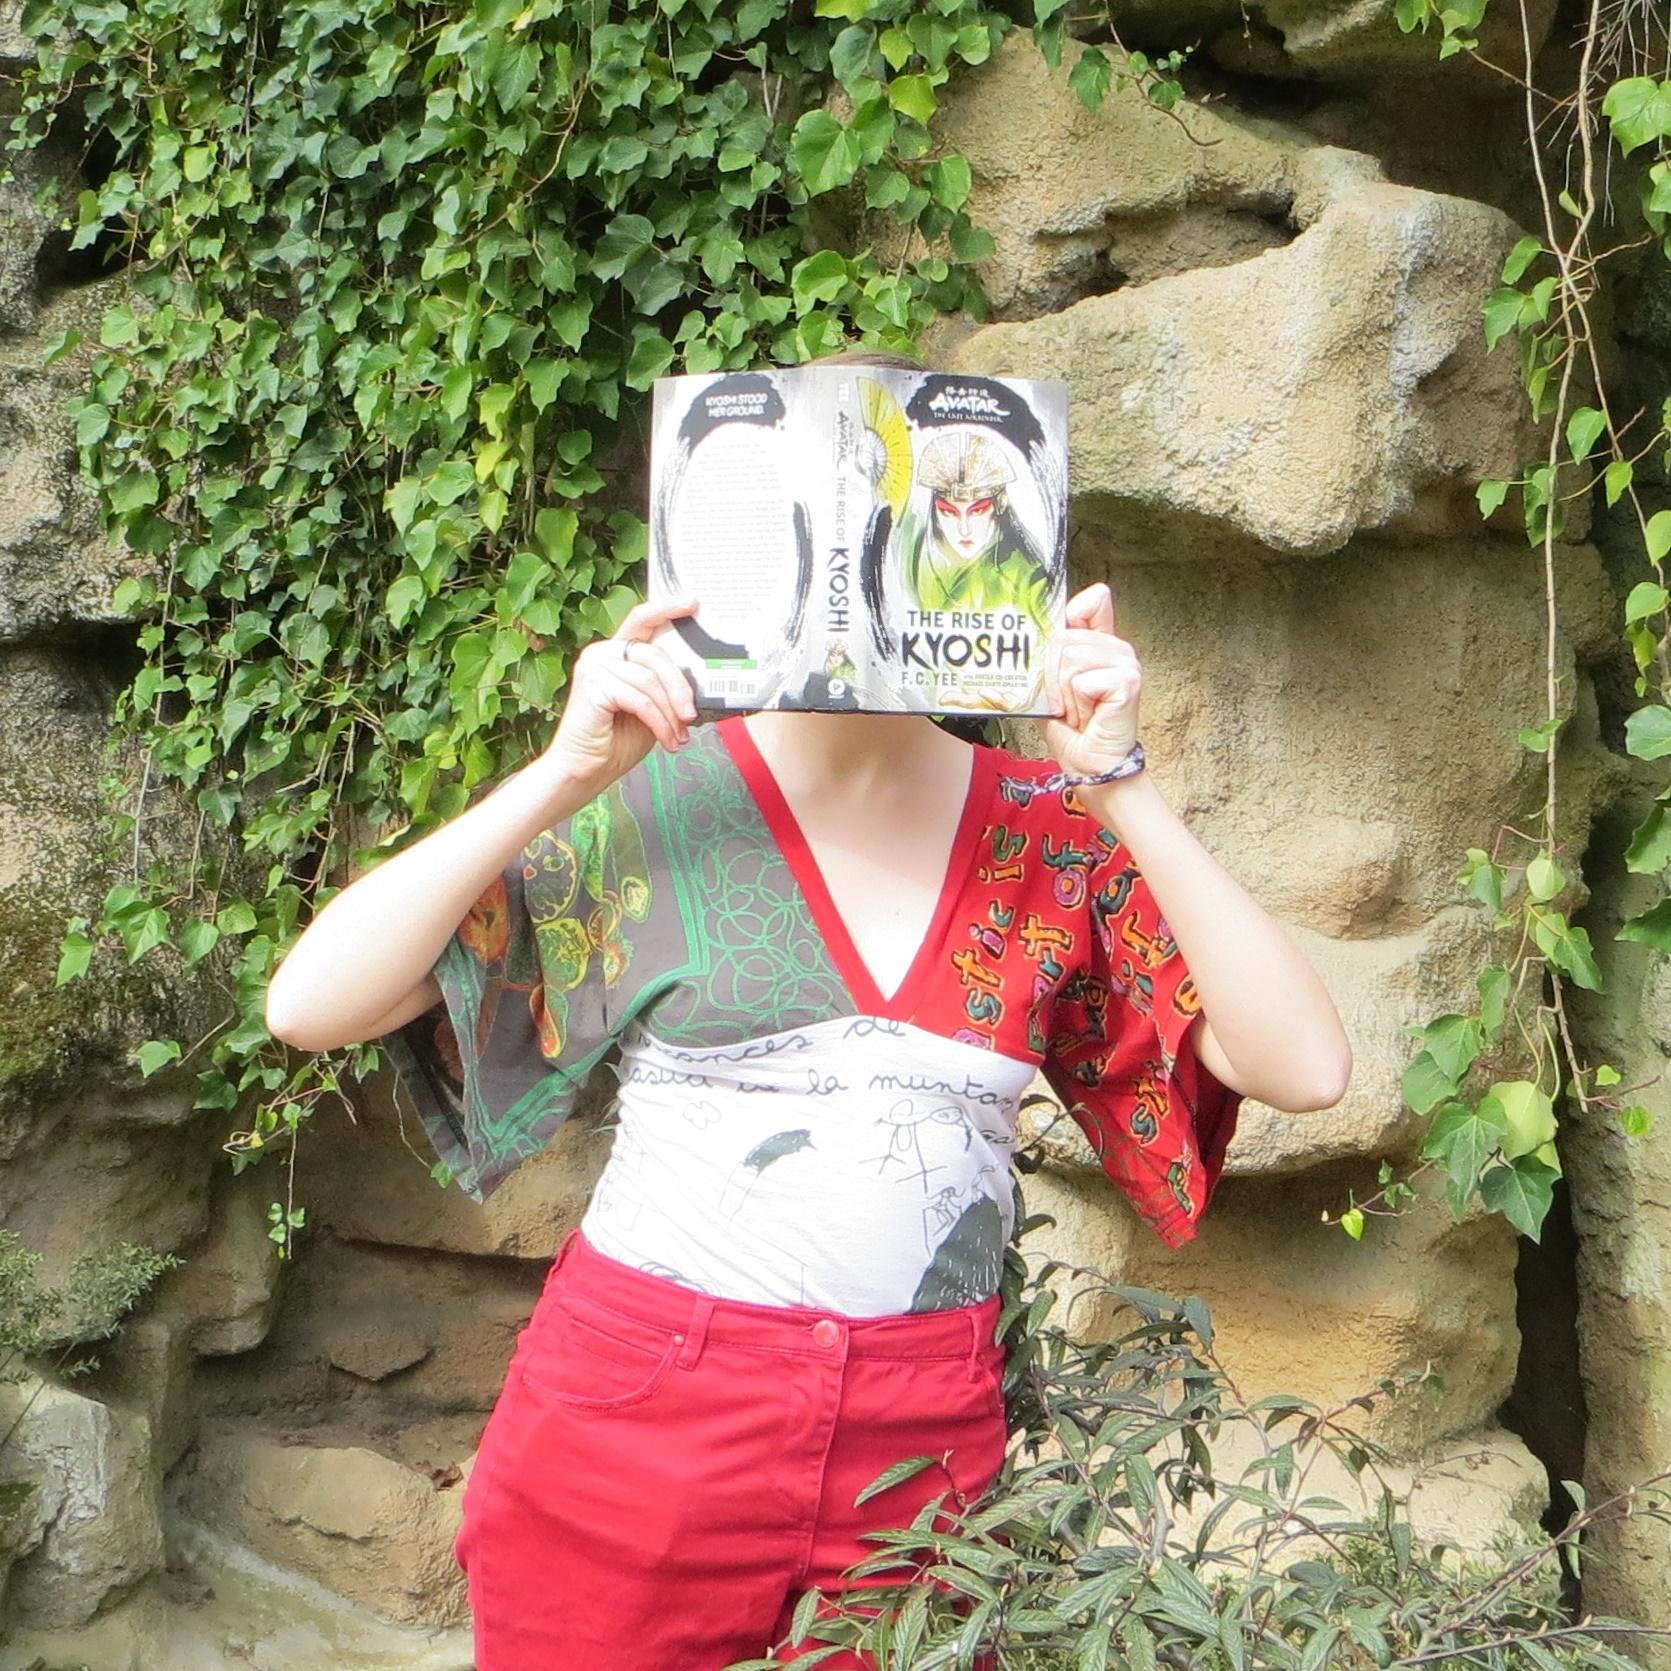 personne en chemisier vert et rouge lisant The Rise of Kyoshi de F.C. Yee devant des rochers percés de grottes